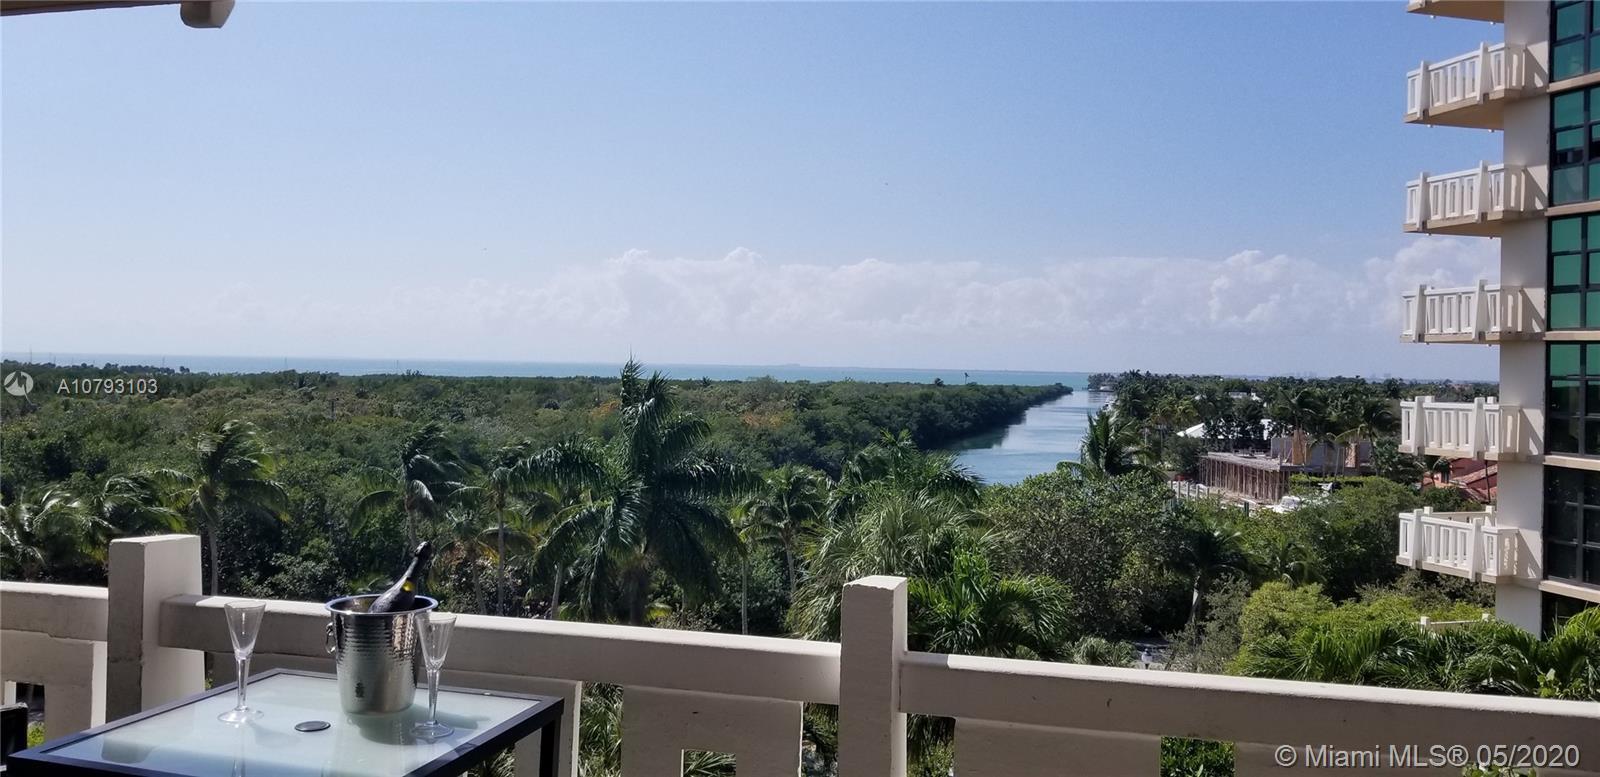 1121 Crandon Blvd #D504 Property Photo - Key Biscayne, FL real estate listing